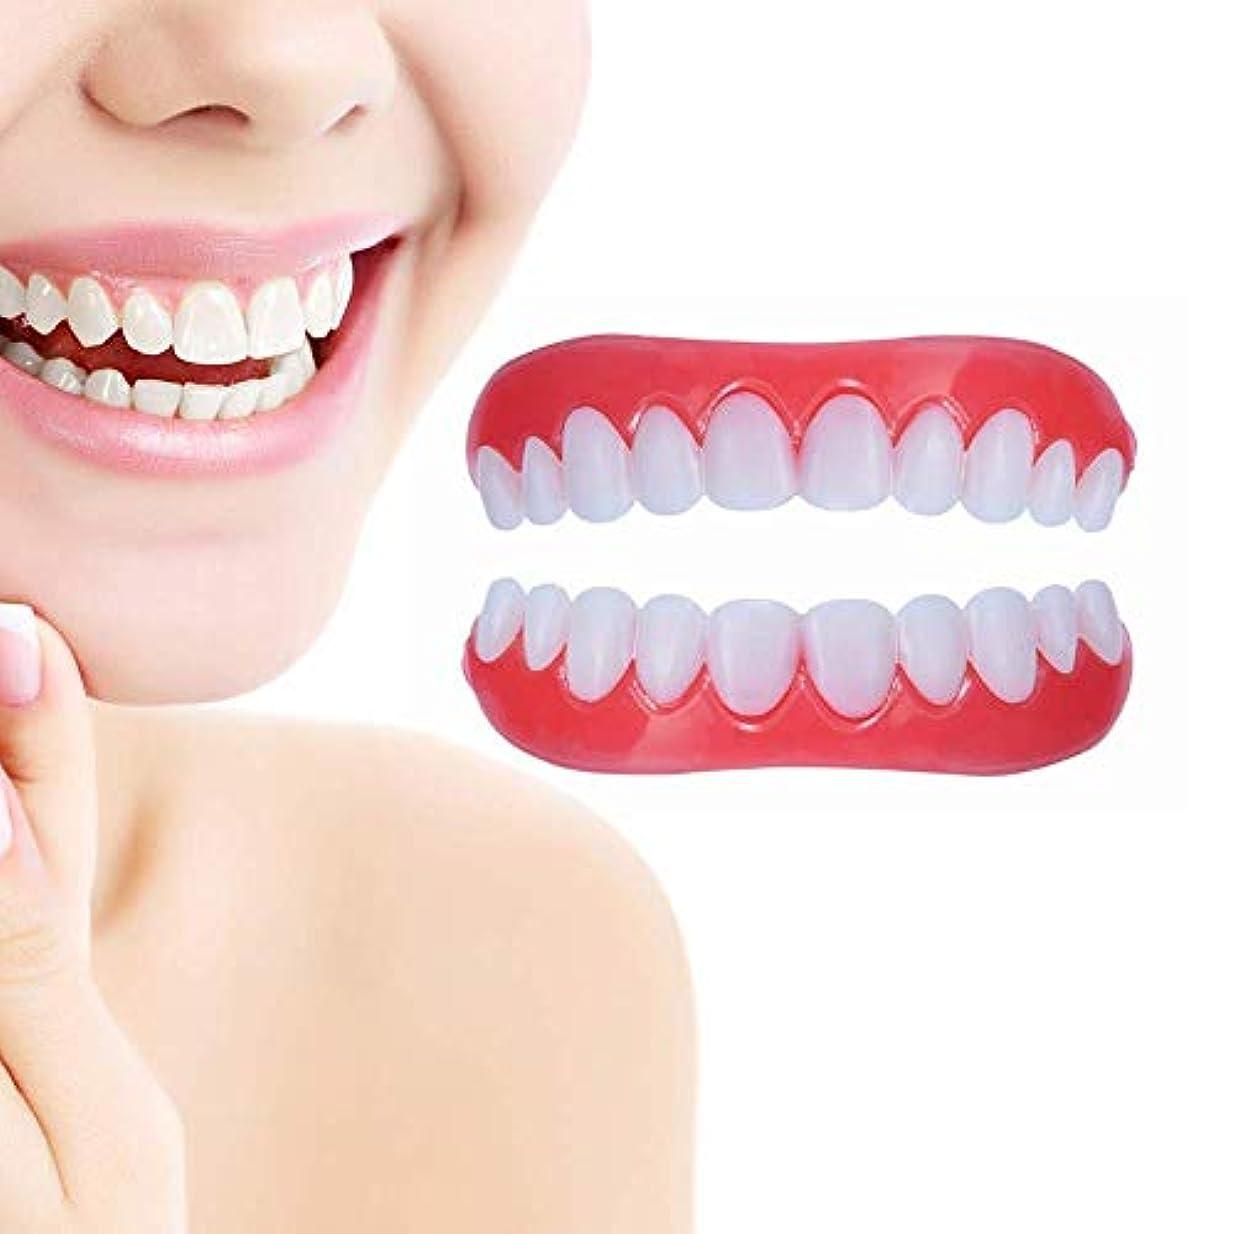 行く調整海藻仮装用義歯義歯用化粧品シミュレートされたブレース上部ブレース+下部ブレース、ホワイトニング歯スナップキャップ,7pairs